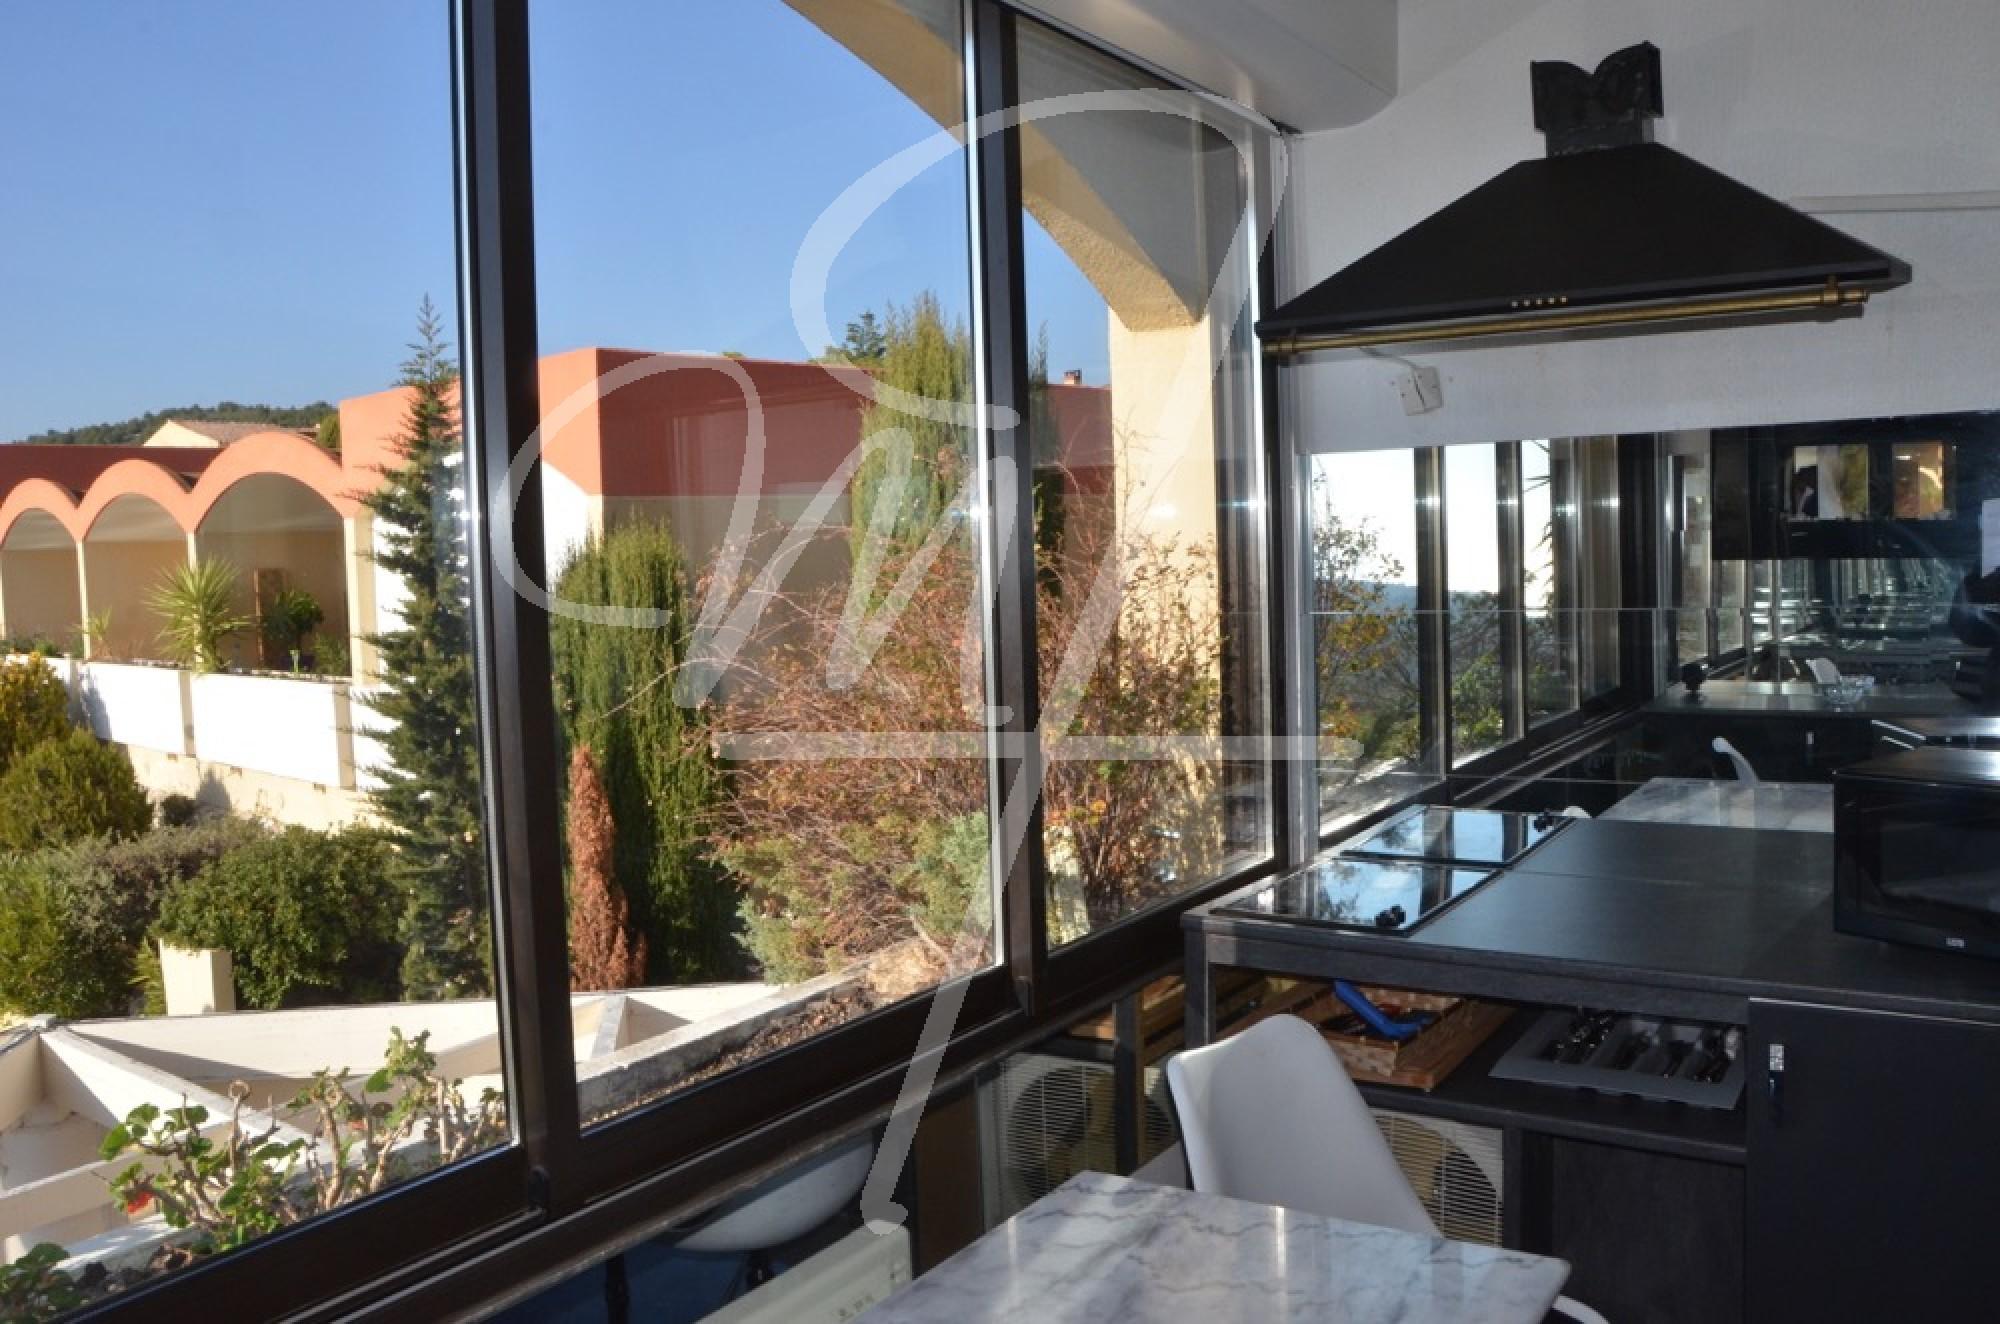 Vente Appartement T1 cassis hauteurs piscine, ascenseur